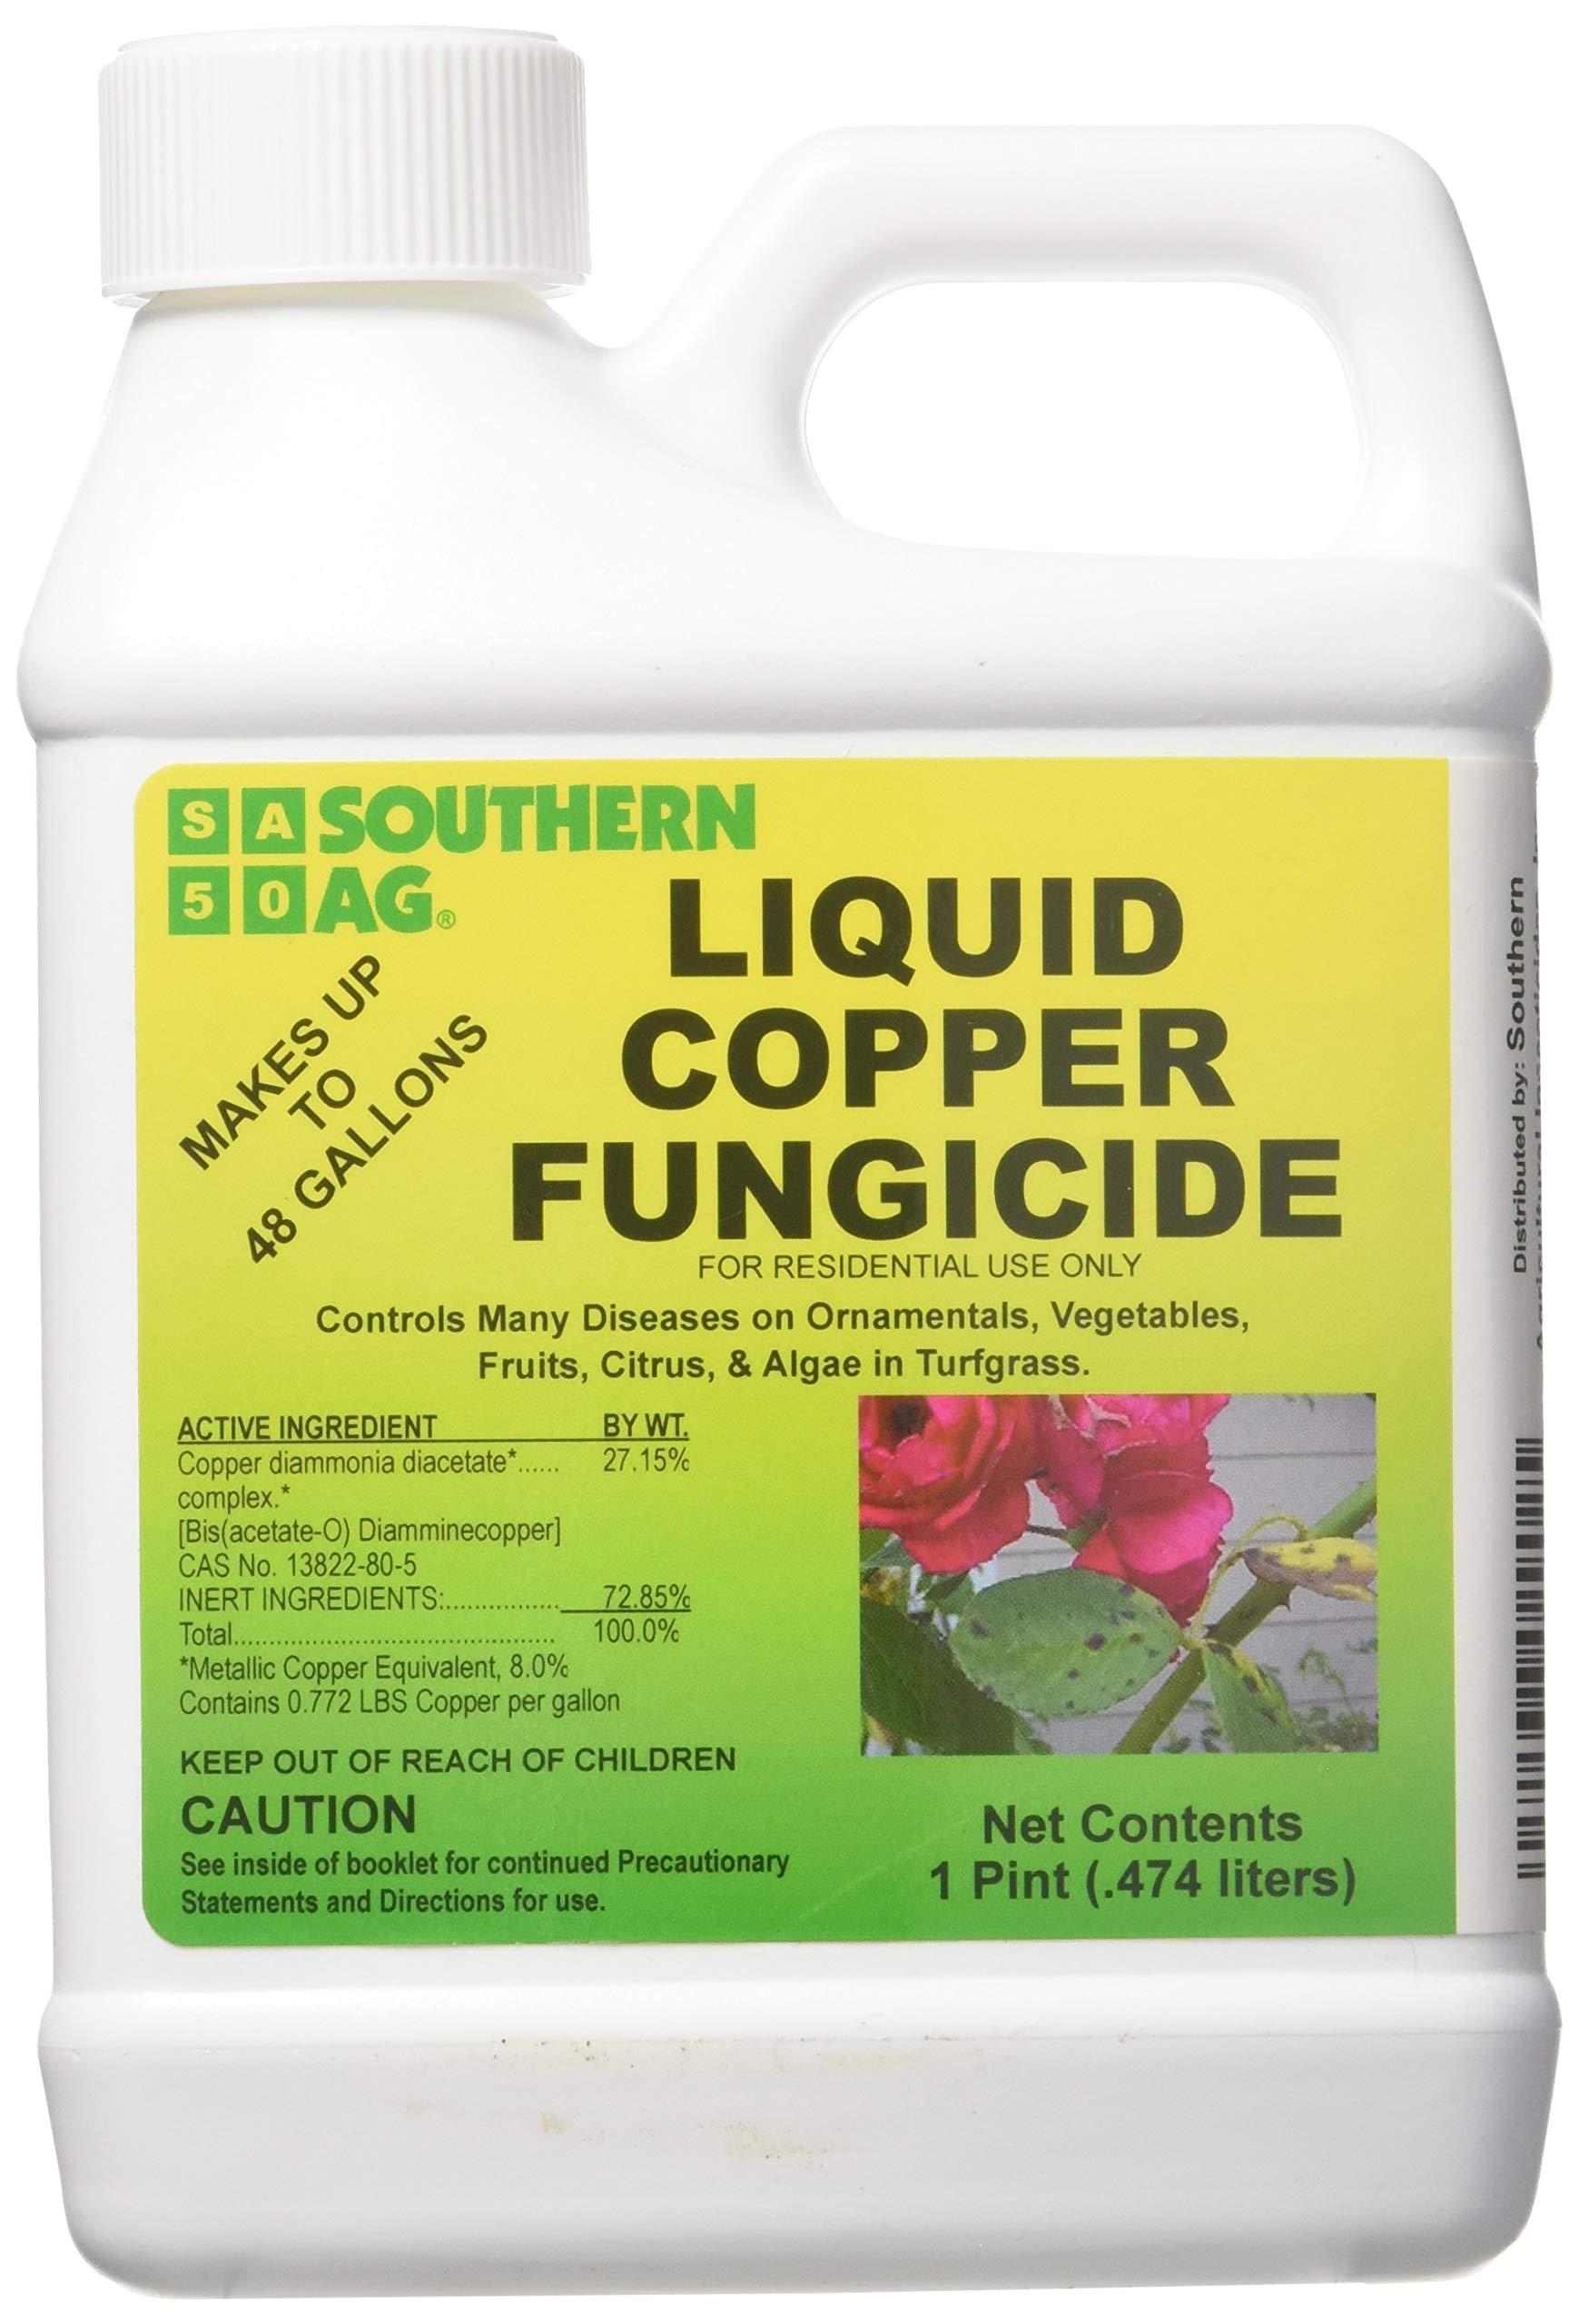 Southern Ag - Liquid Copper Fungicide - Fungicide, 16oz